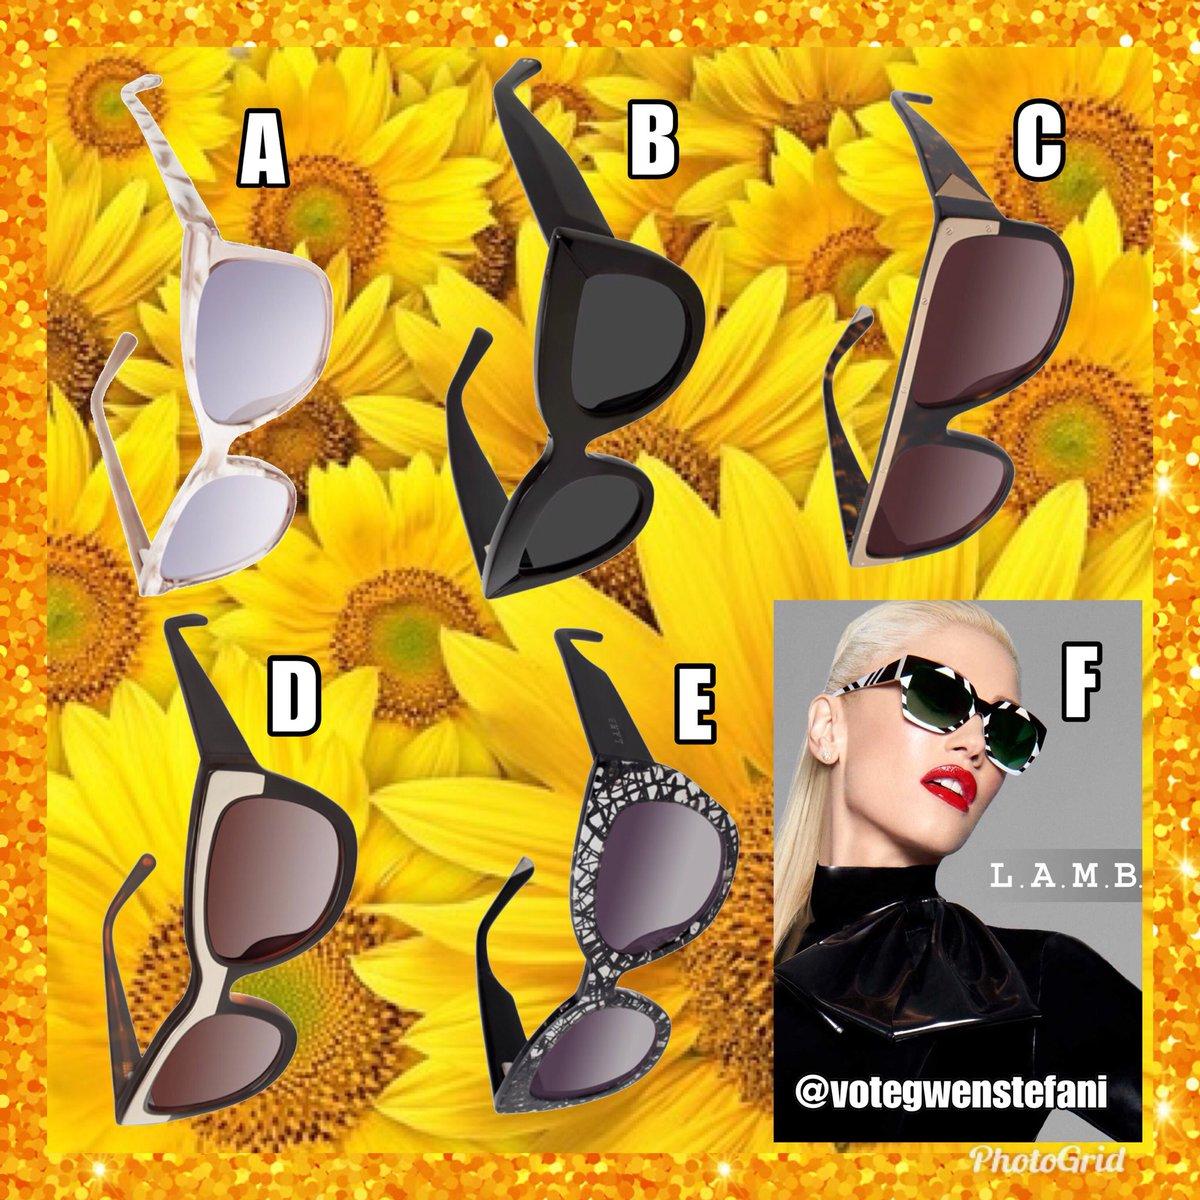 Gwen Stefani, L.A.M.B., TURA INC And Vot-Gwen Stefani, L.A.M.B., TURA INC and Vote Gwen Stefani-13